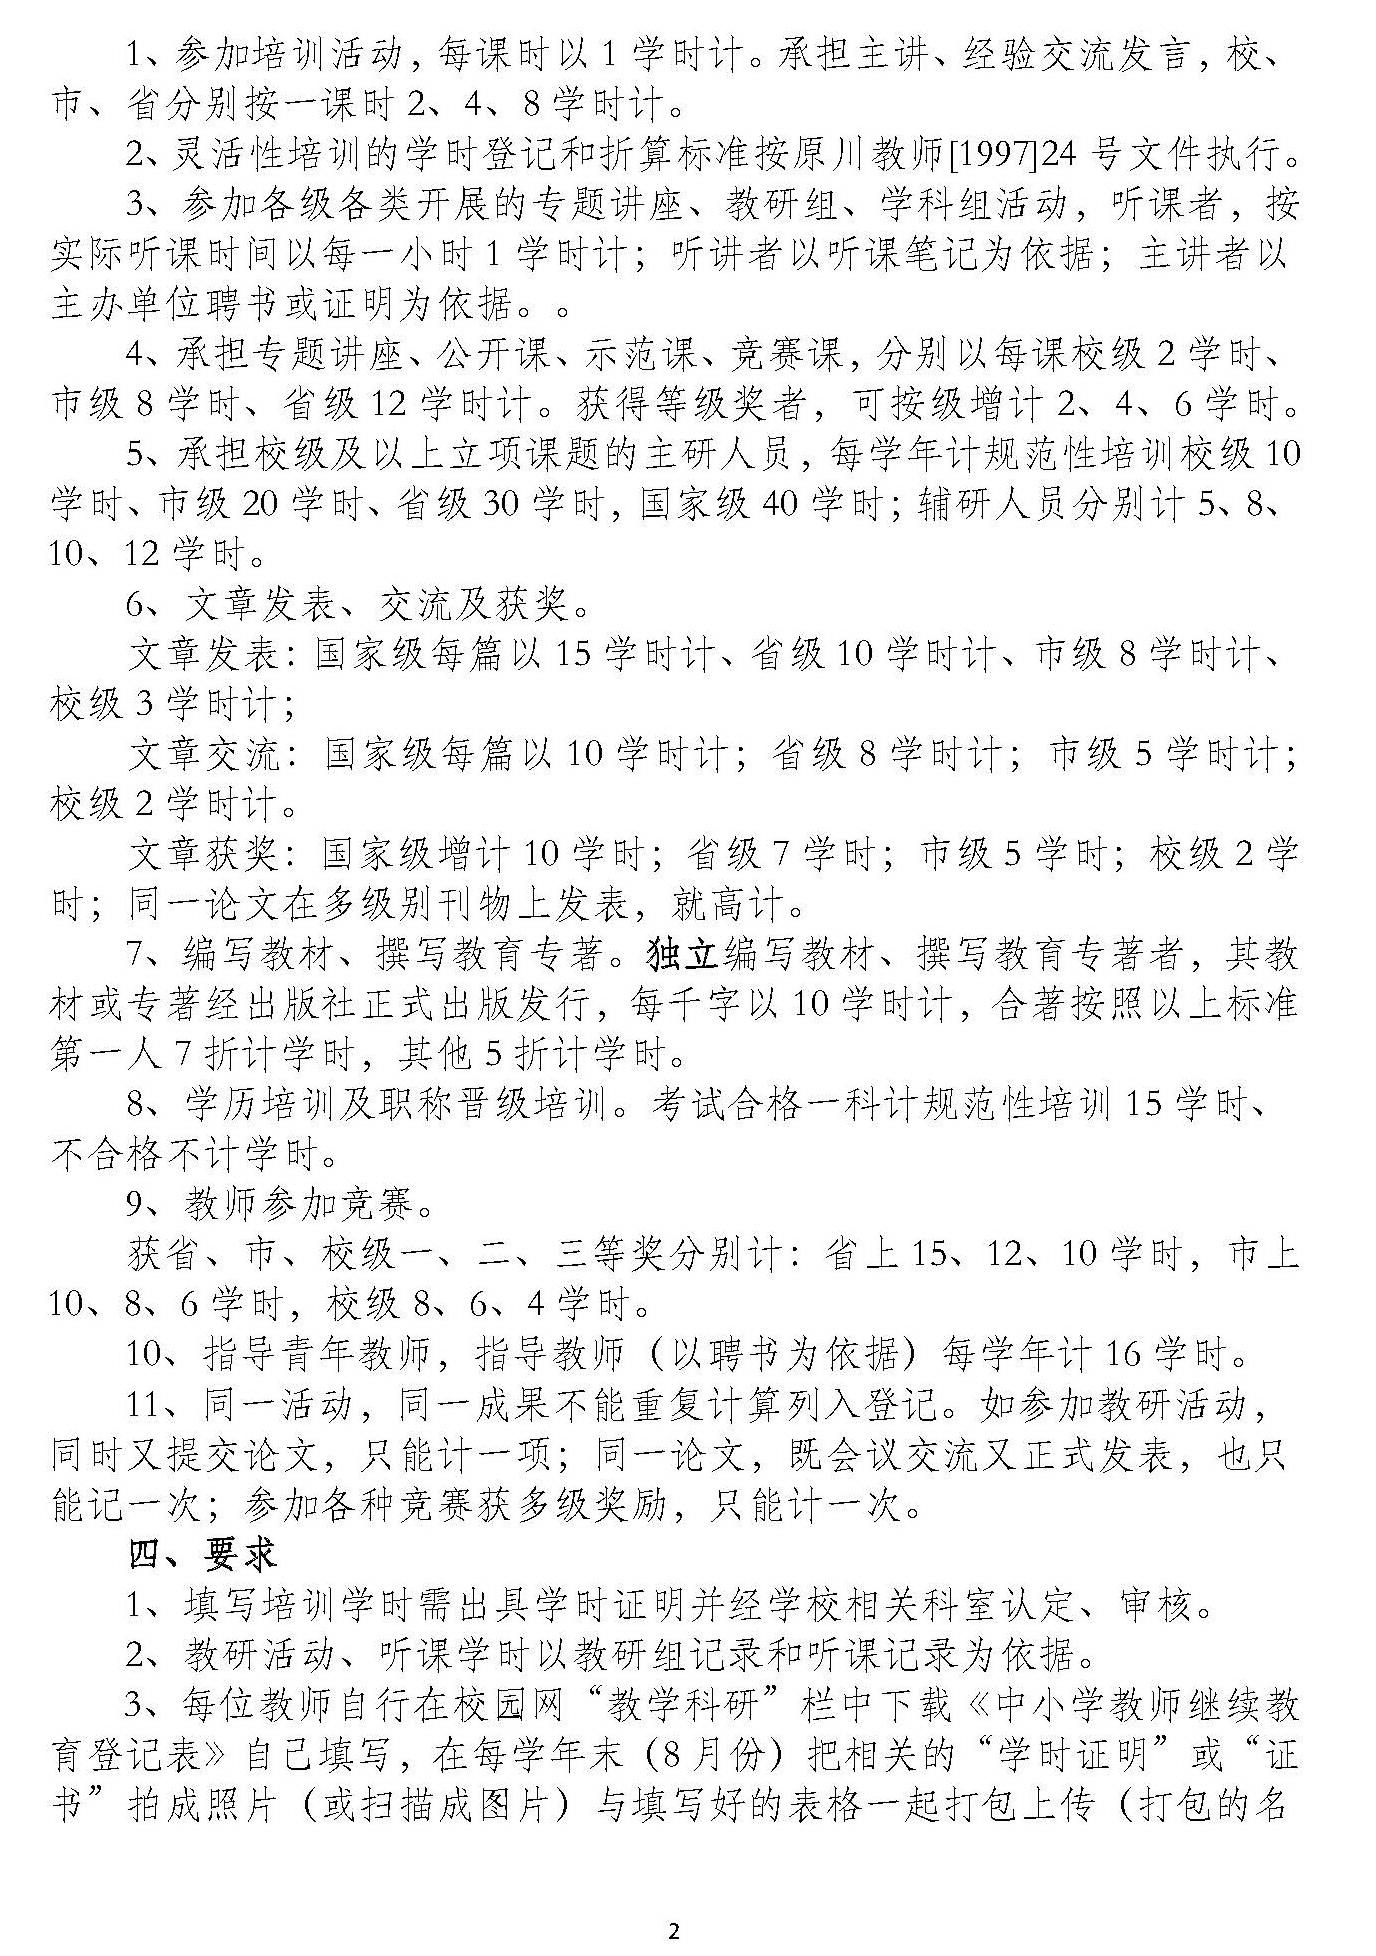 市实验学校继续教育登记制度(2017XG)_页面_2.jpg